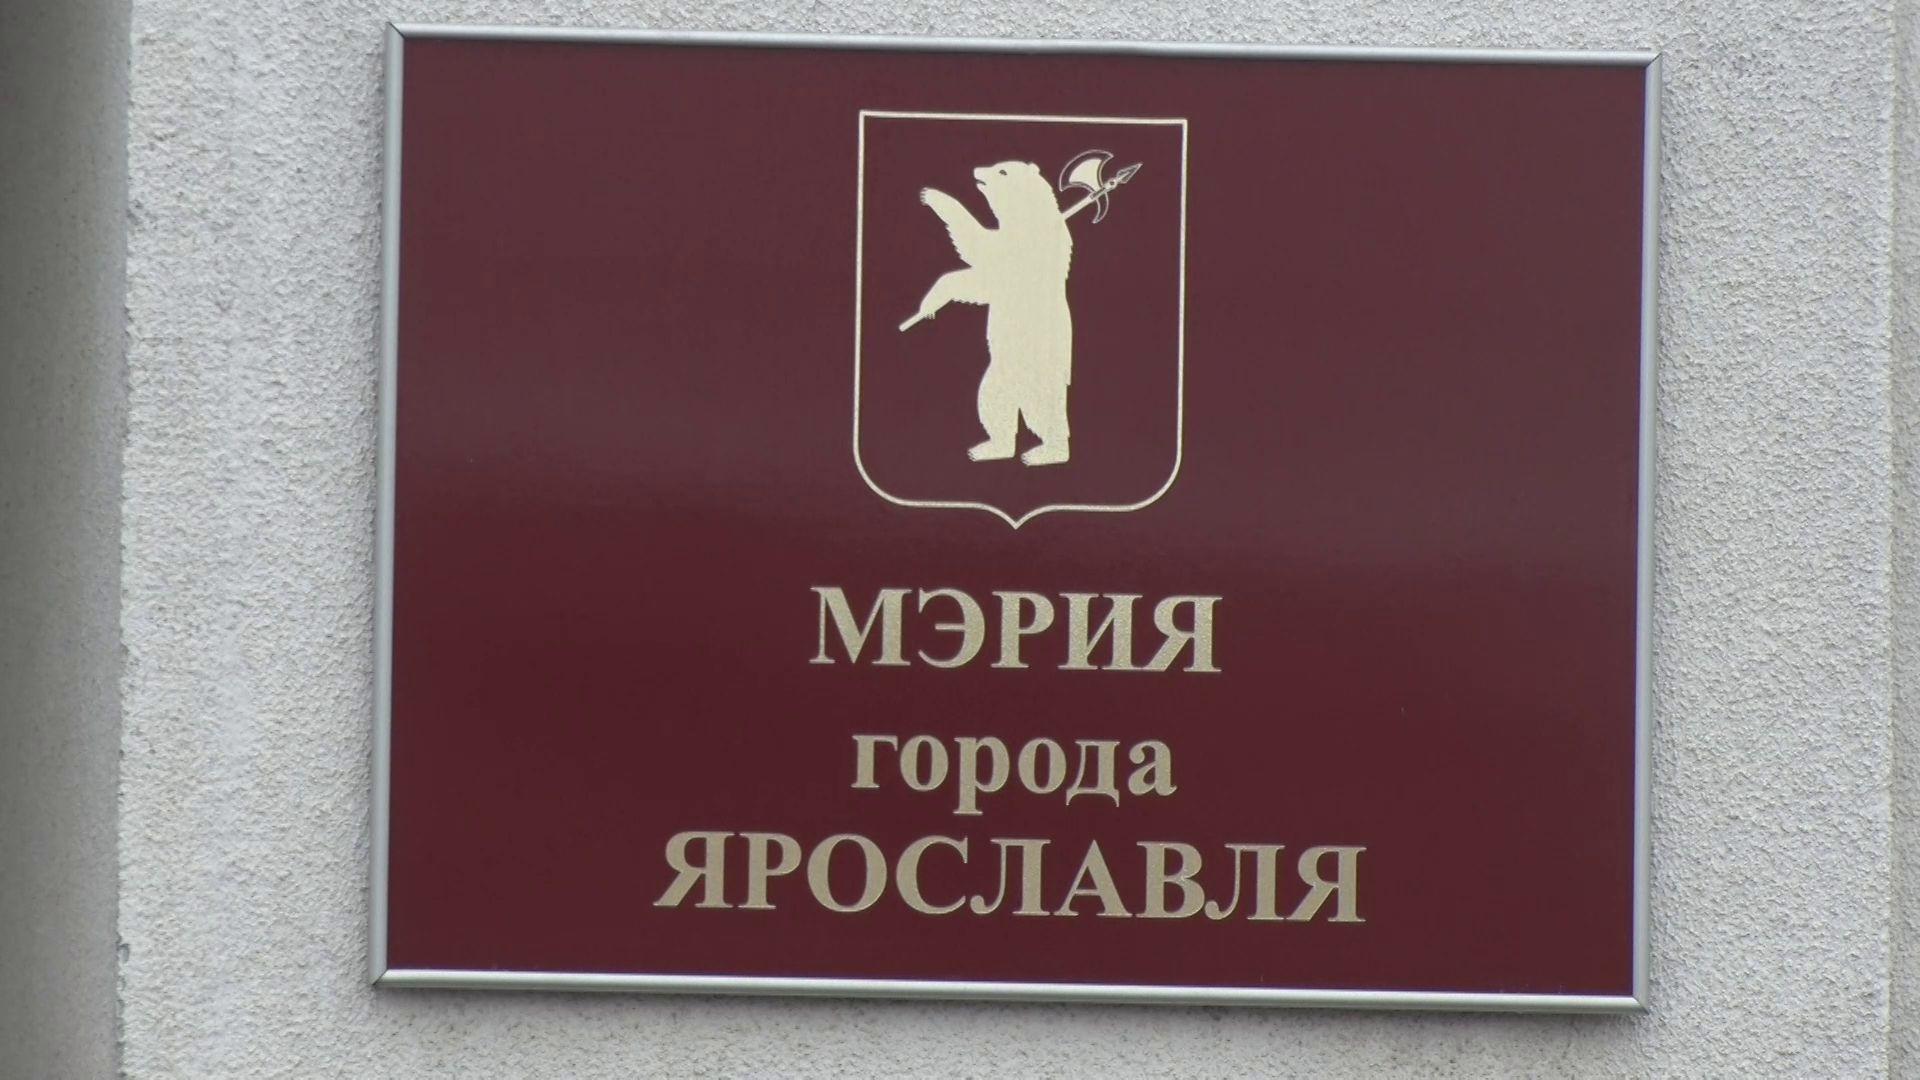 Прокомментировали ситуацию с обысками в мэрии Ярославля